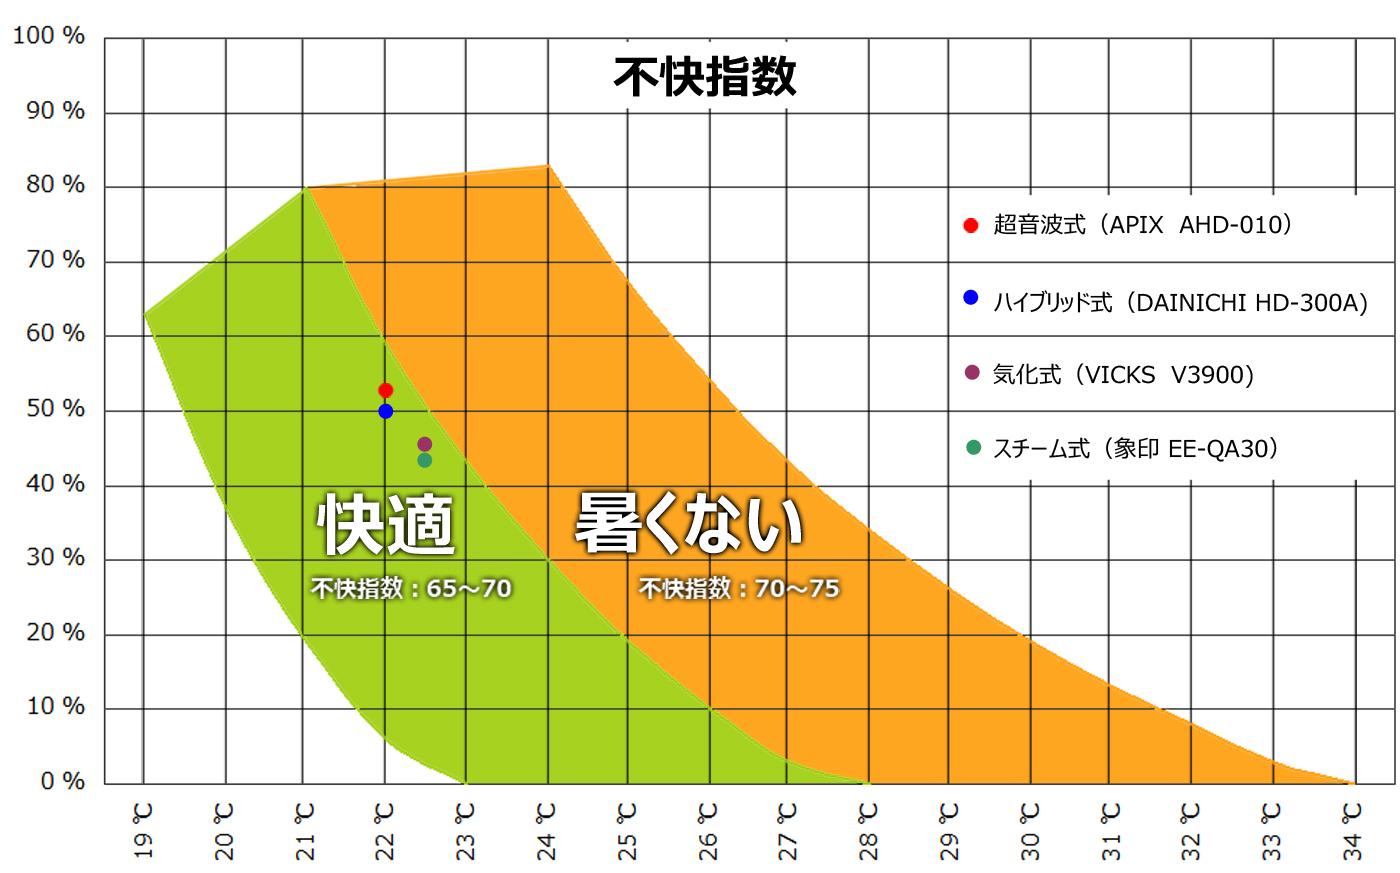 夏の蒸し暑さを表す「不快指数」に当てはめると、どれも「快適」の範疇に入った